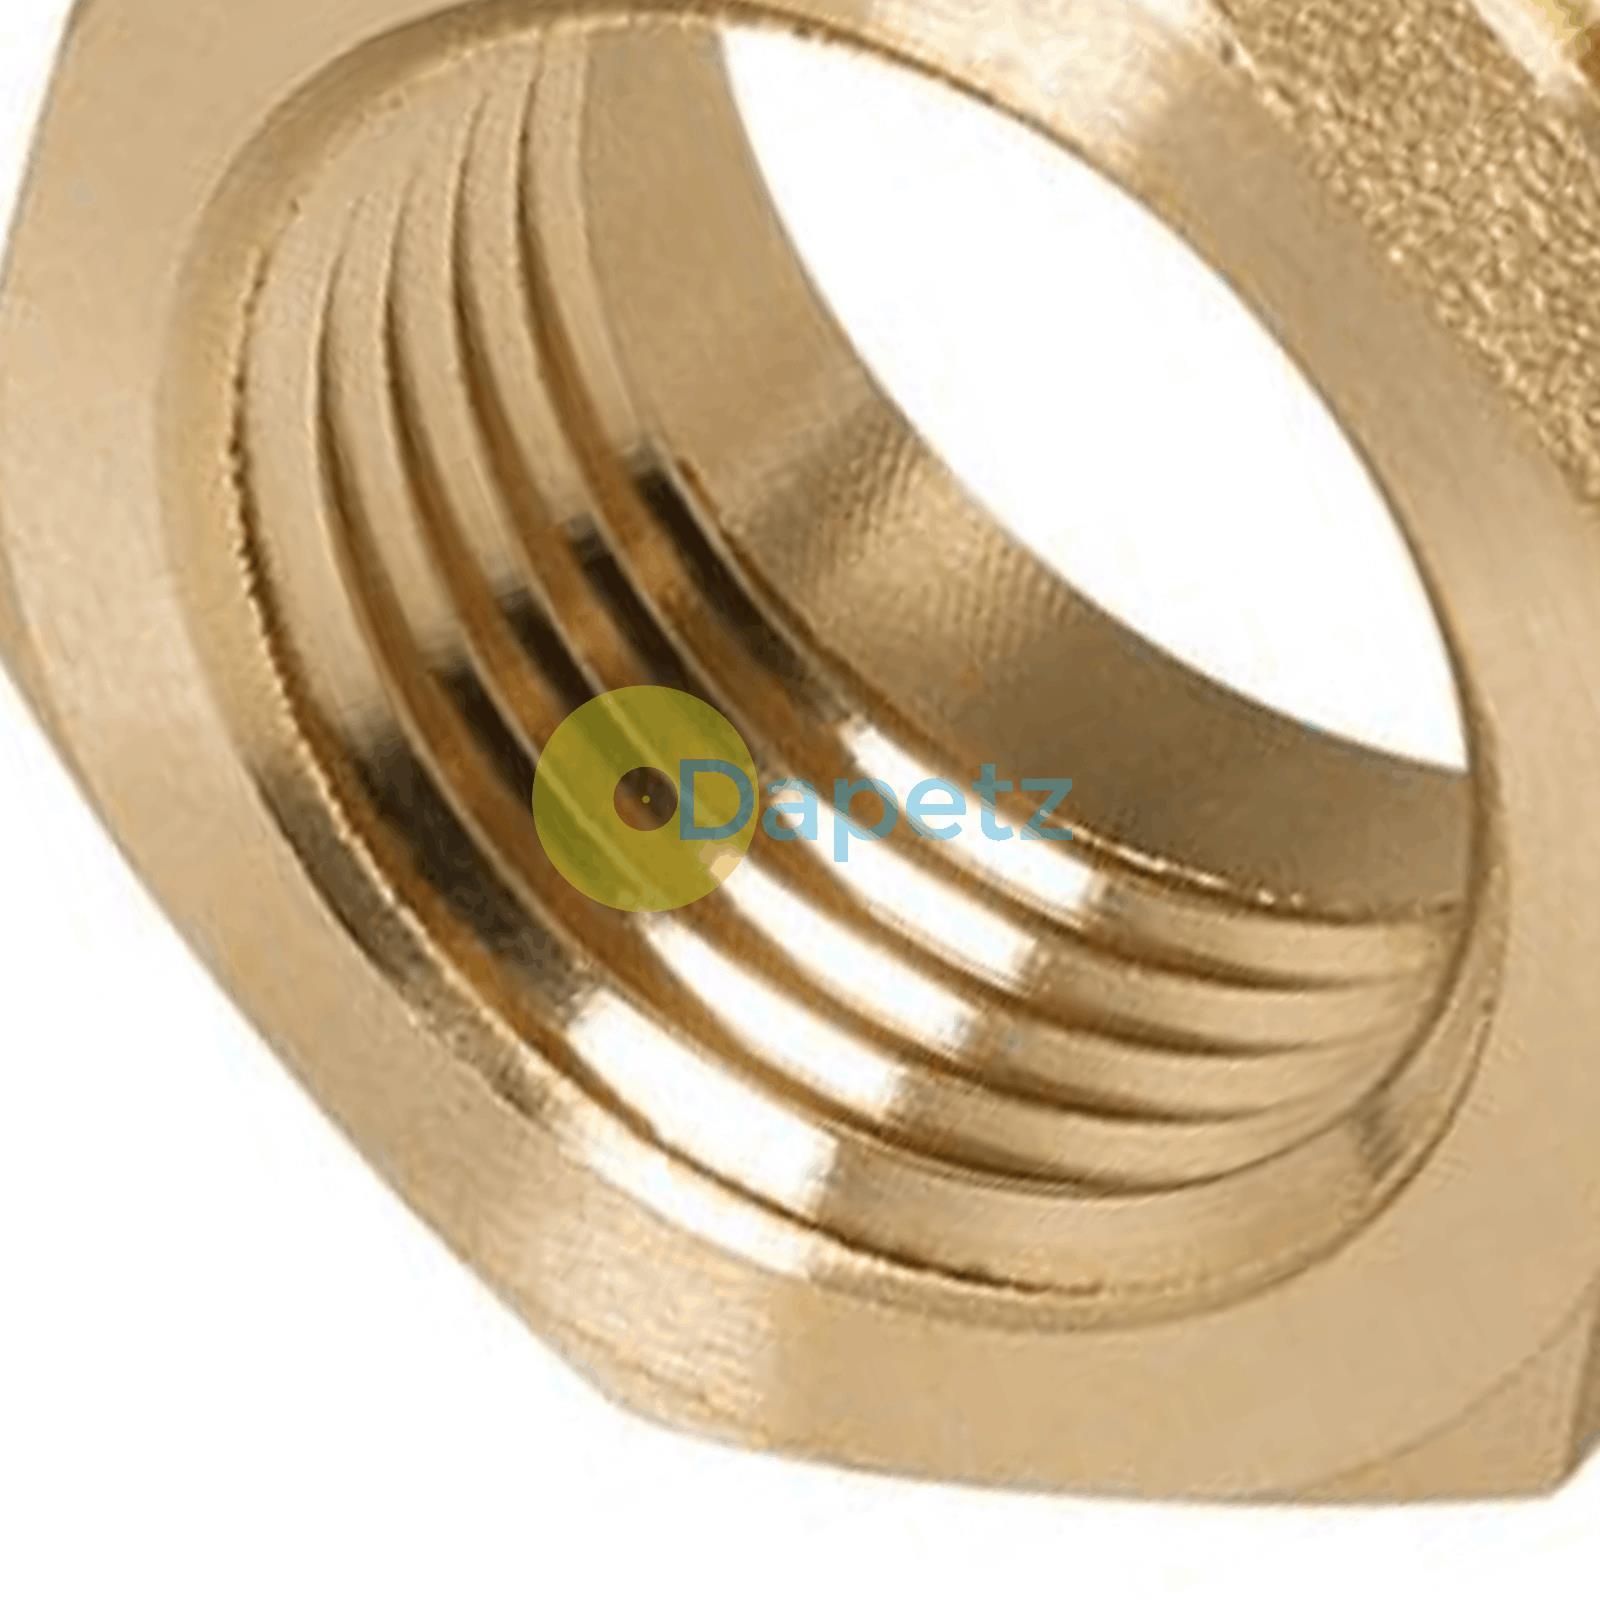 Brass-Reducing-Hexagone-Bush-BSP-Male-a-Femelle-Adaptateur-Connecteur-WRAS-approuves miniature 23